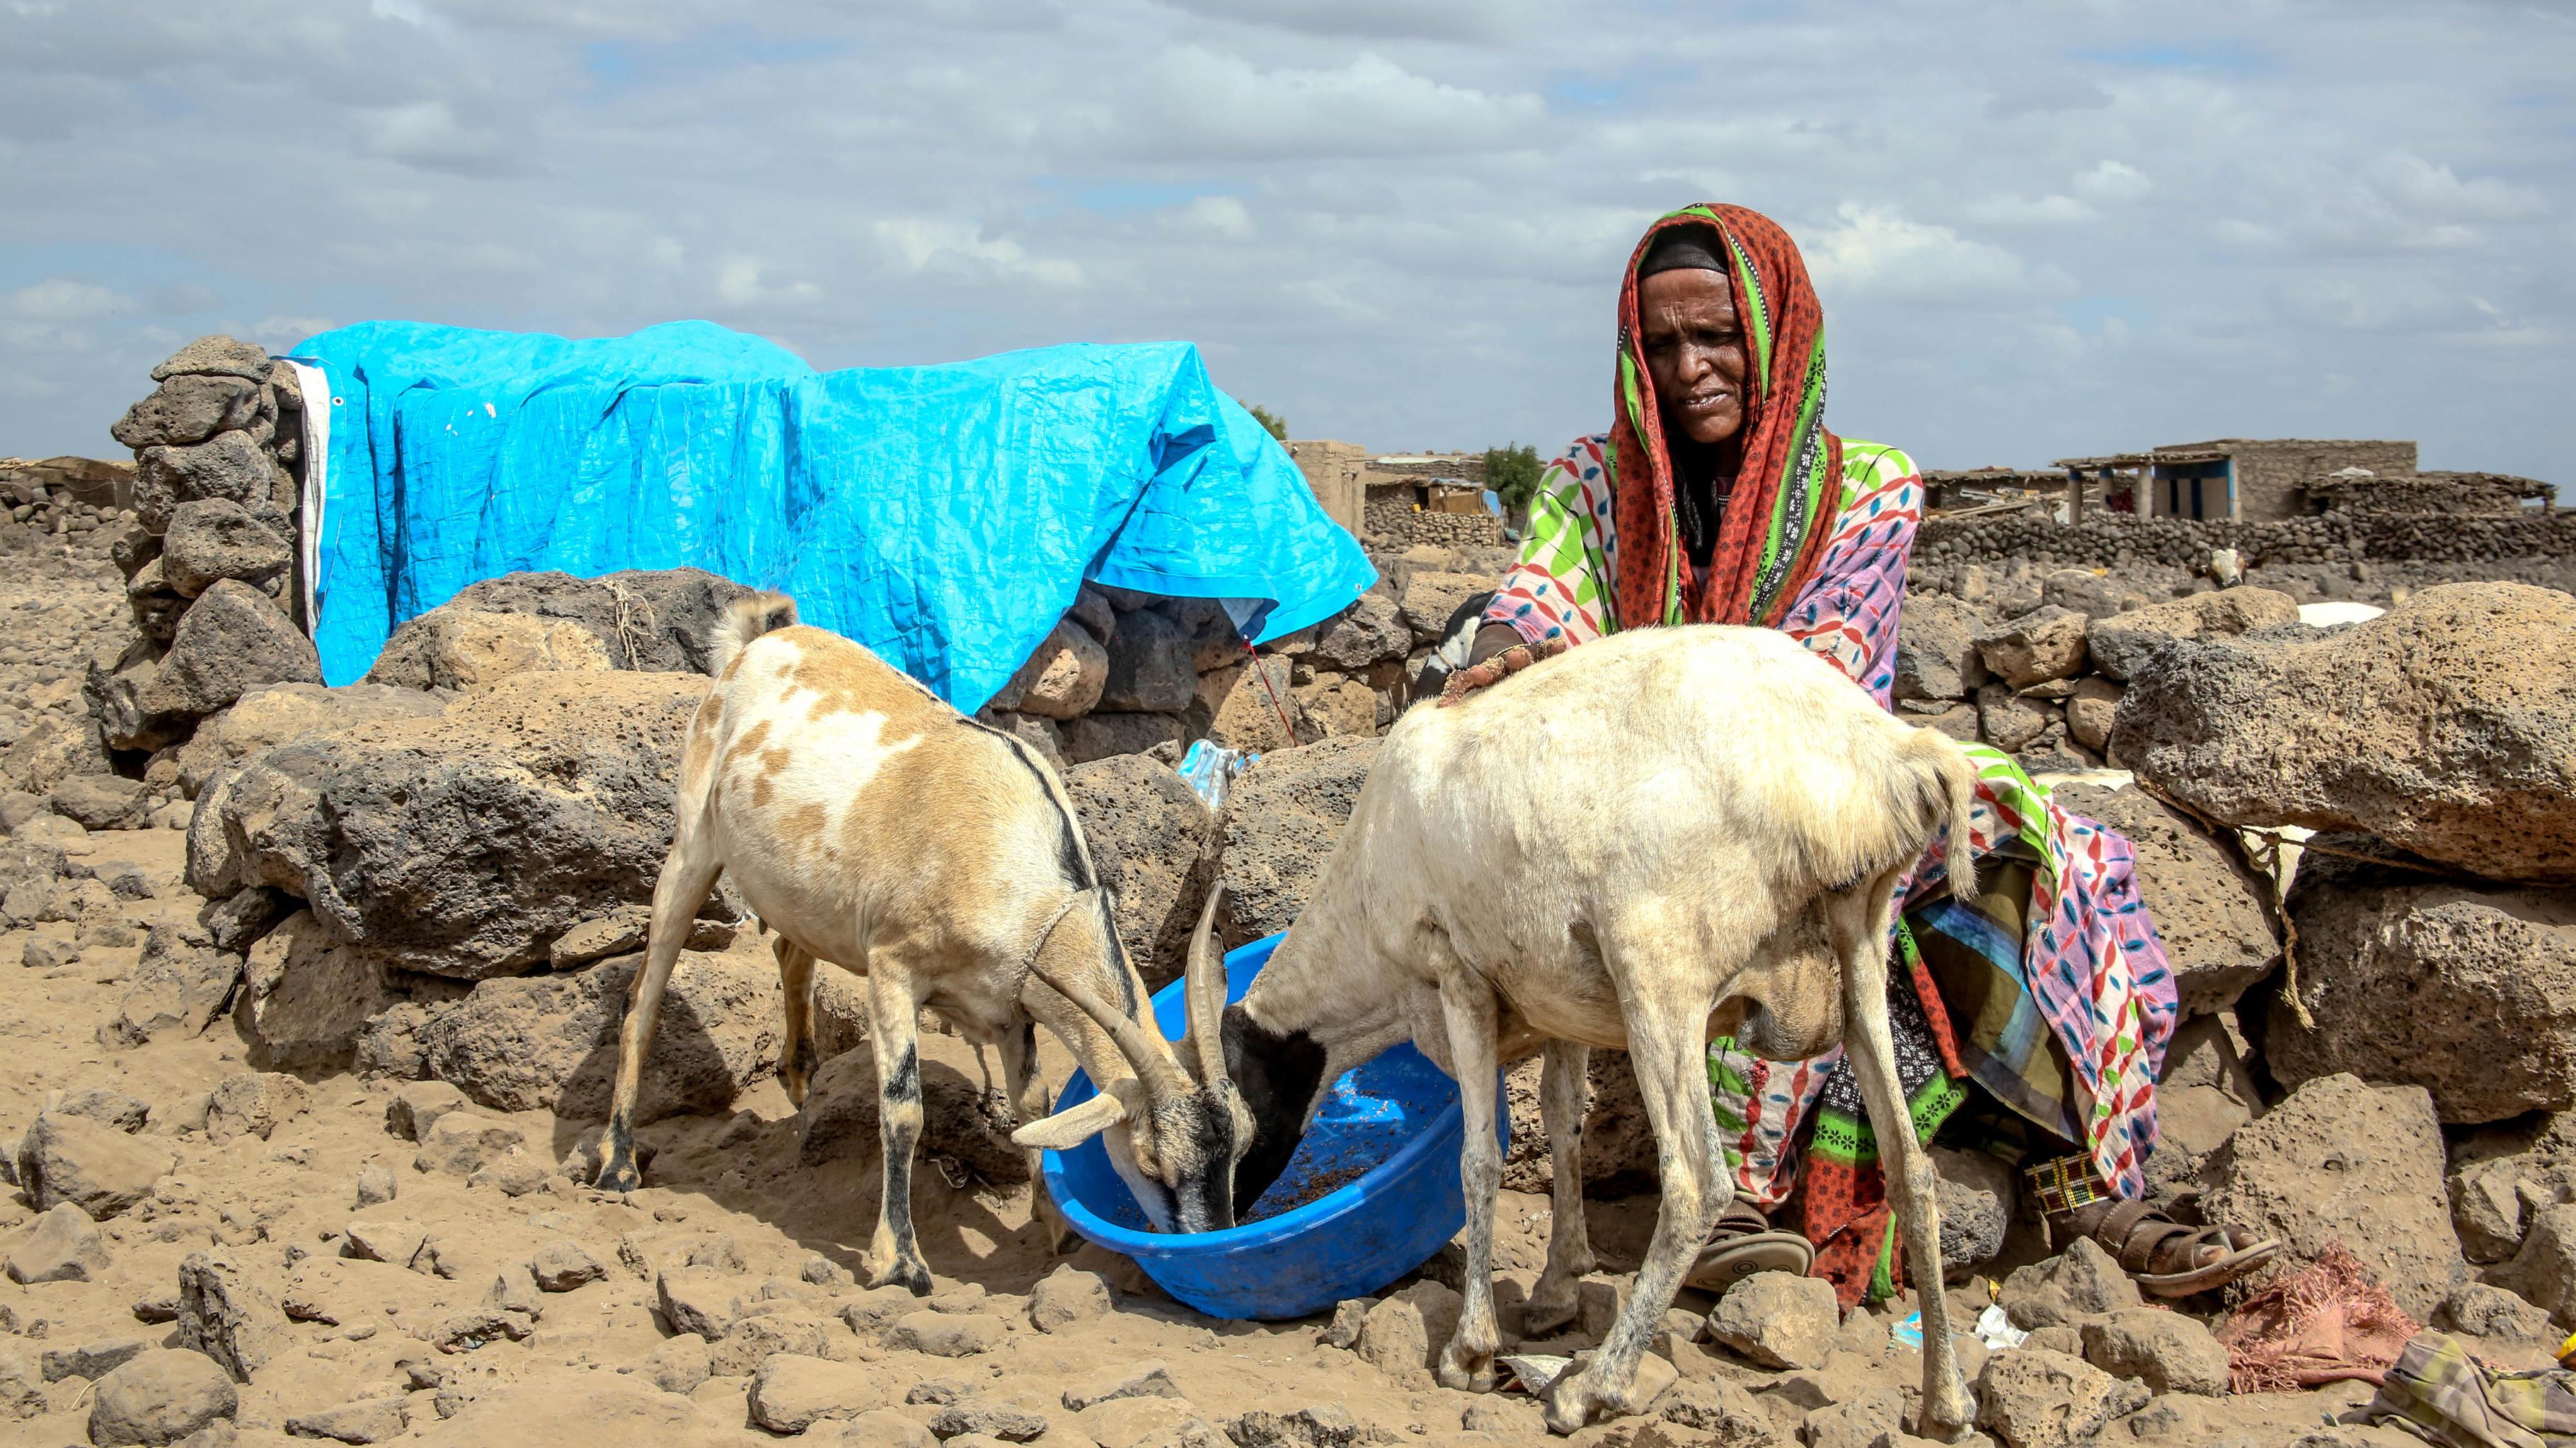 El Niño verstärkt die Dürre in Äthiopien: Buho bangt um das Überleben ihrer wenigen verbliebenen Tiere